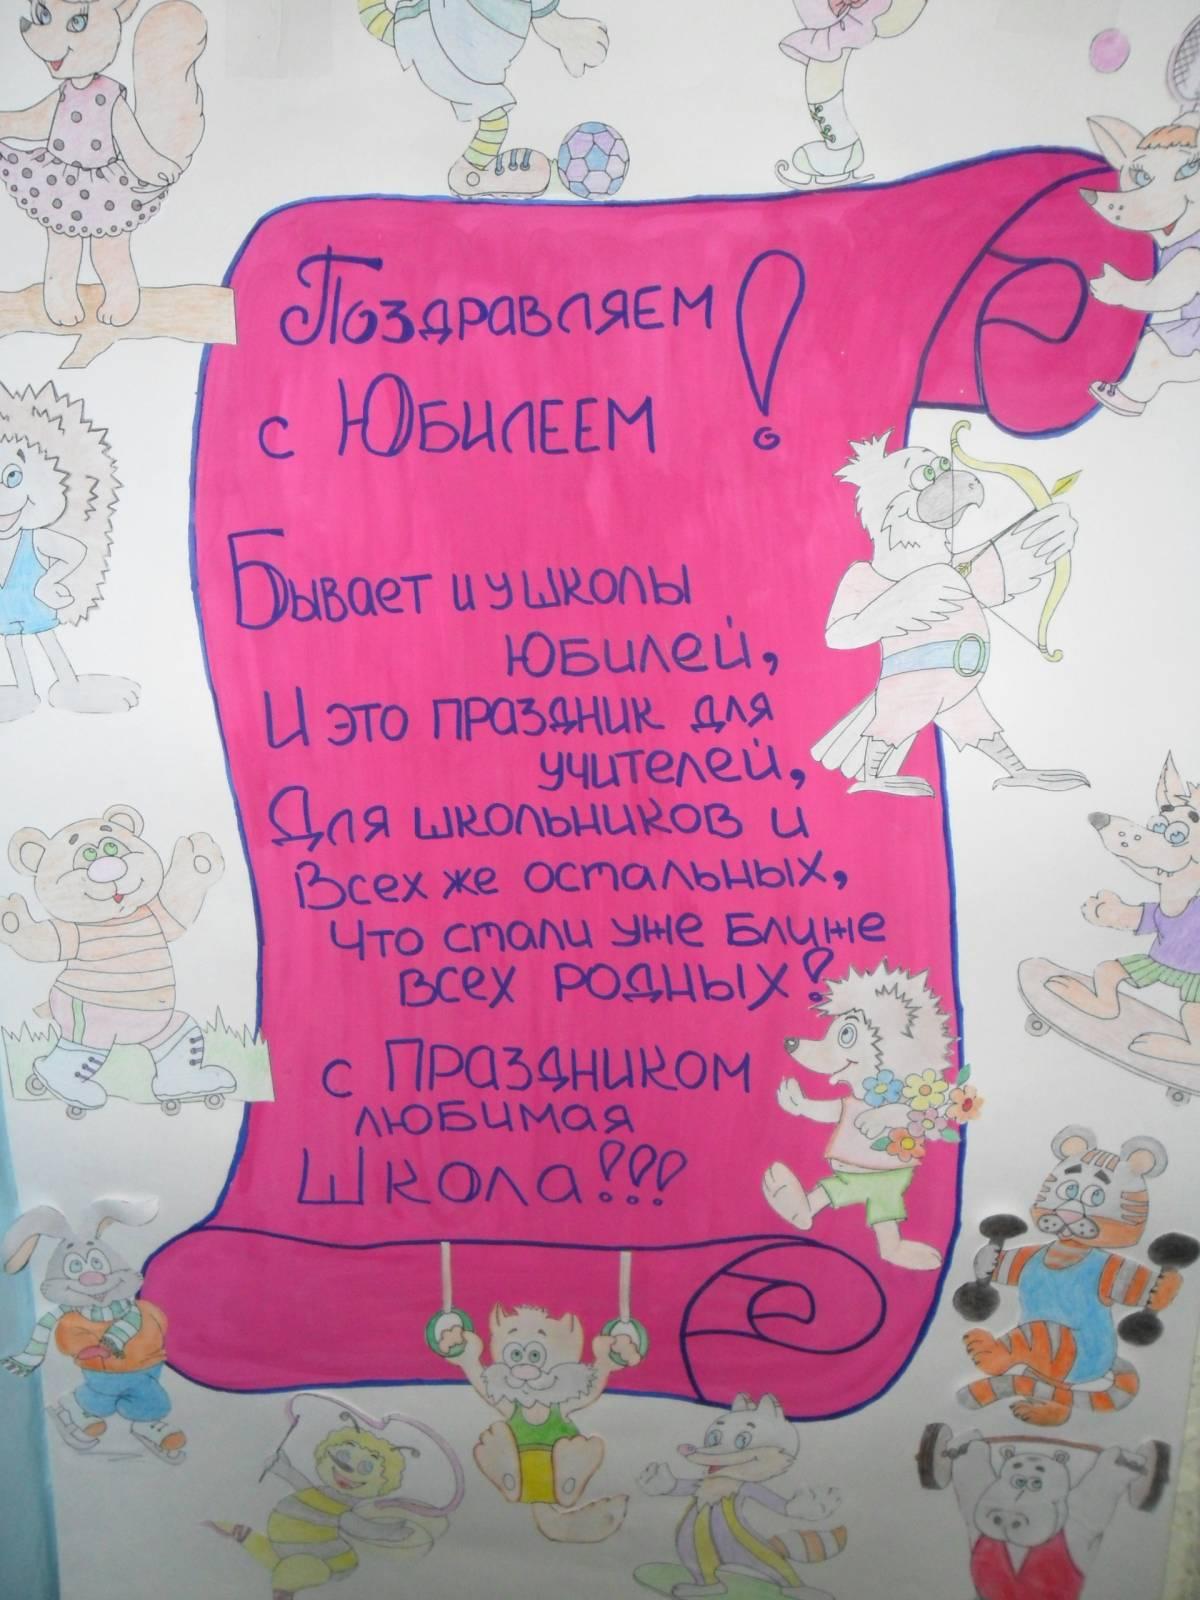 Плакаты поздравления к юбилею школы